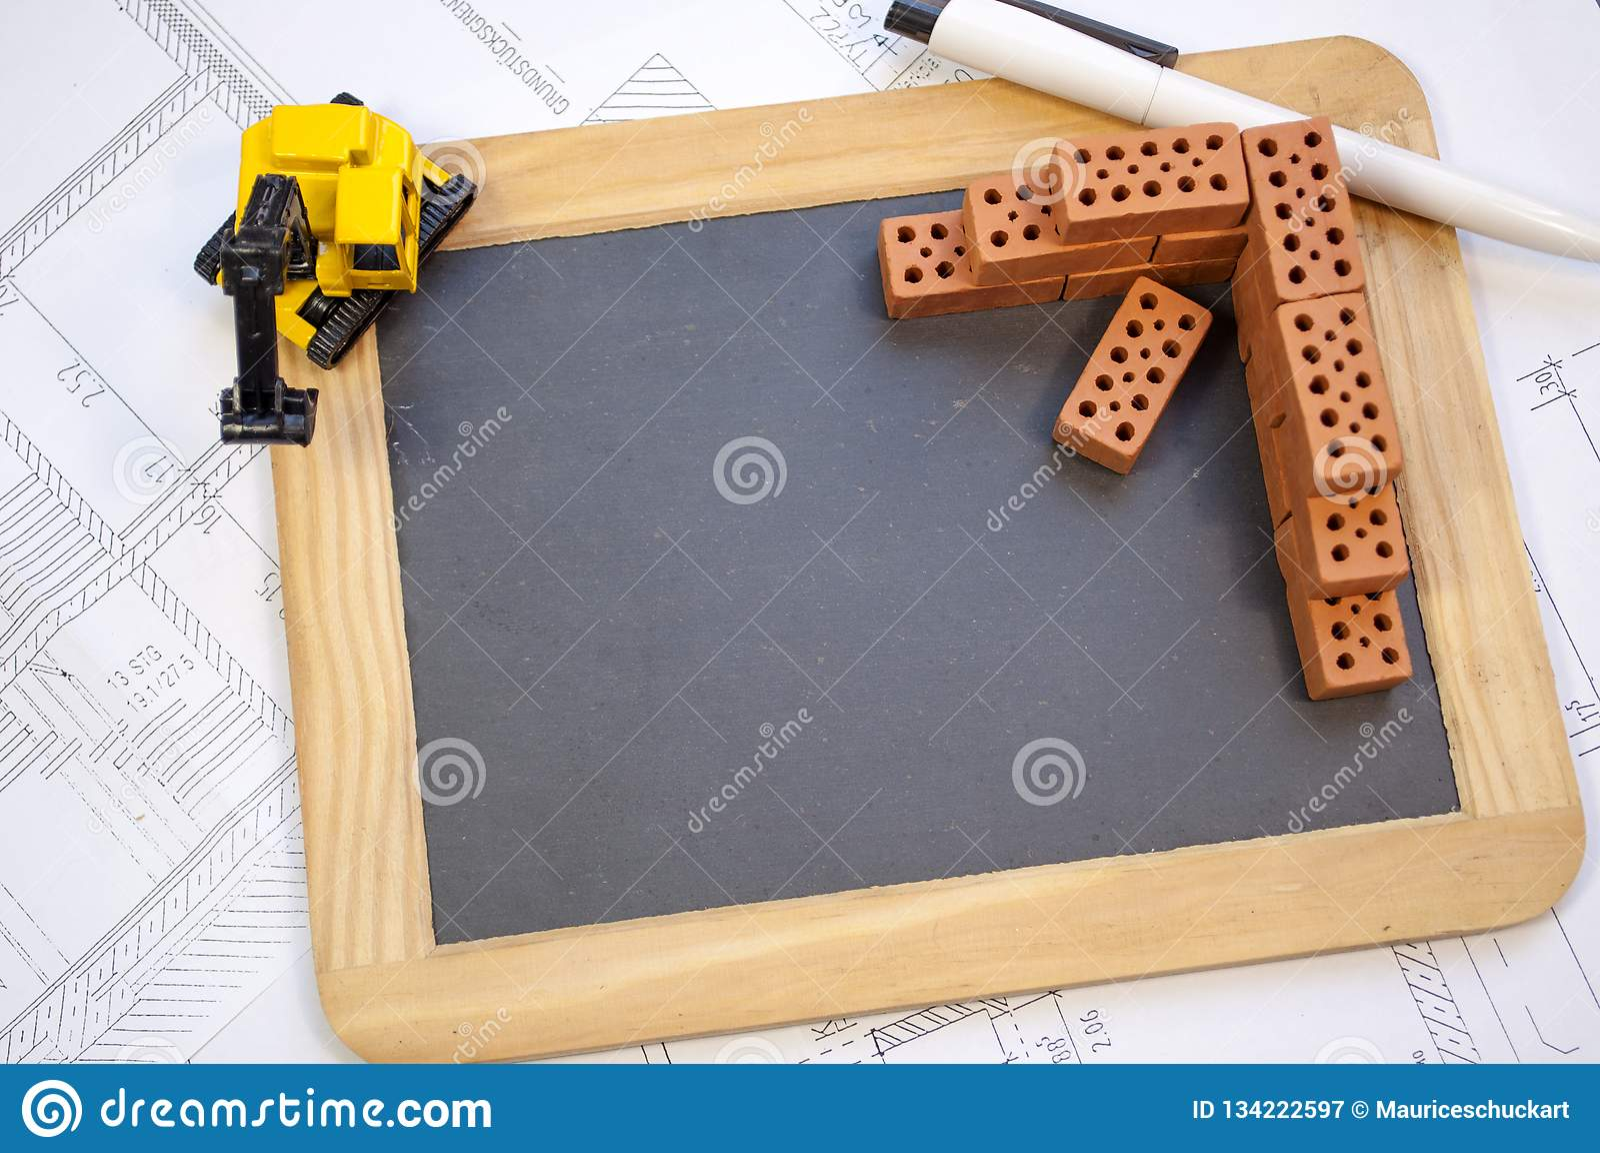 Tableau avec une excavatrice sur un modèle de plan de construction